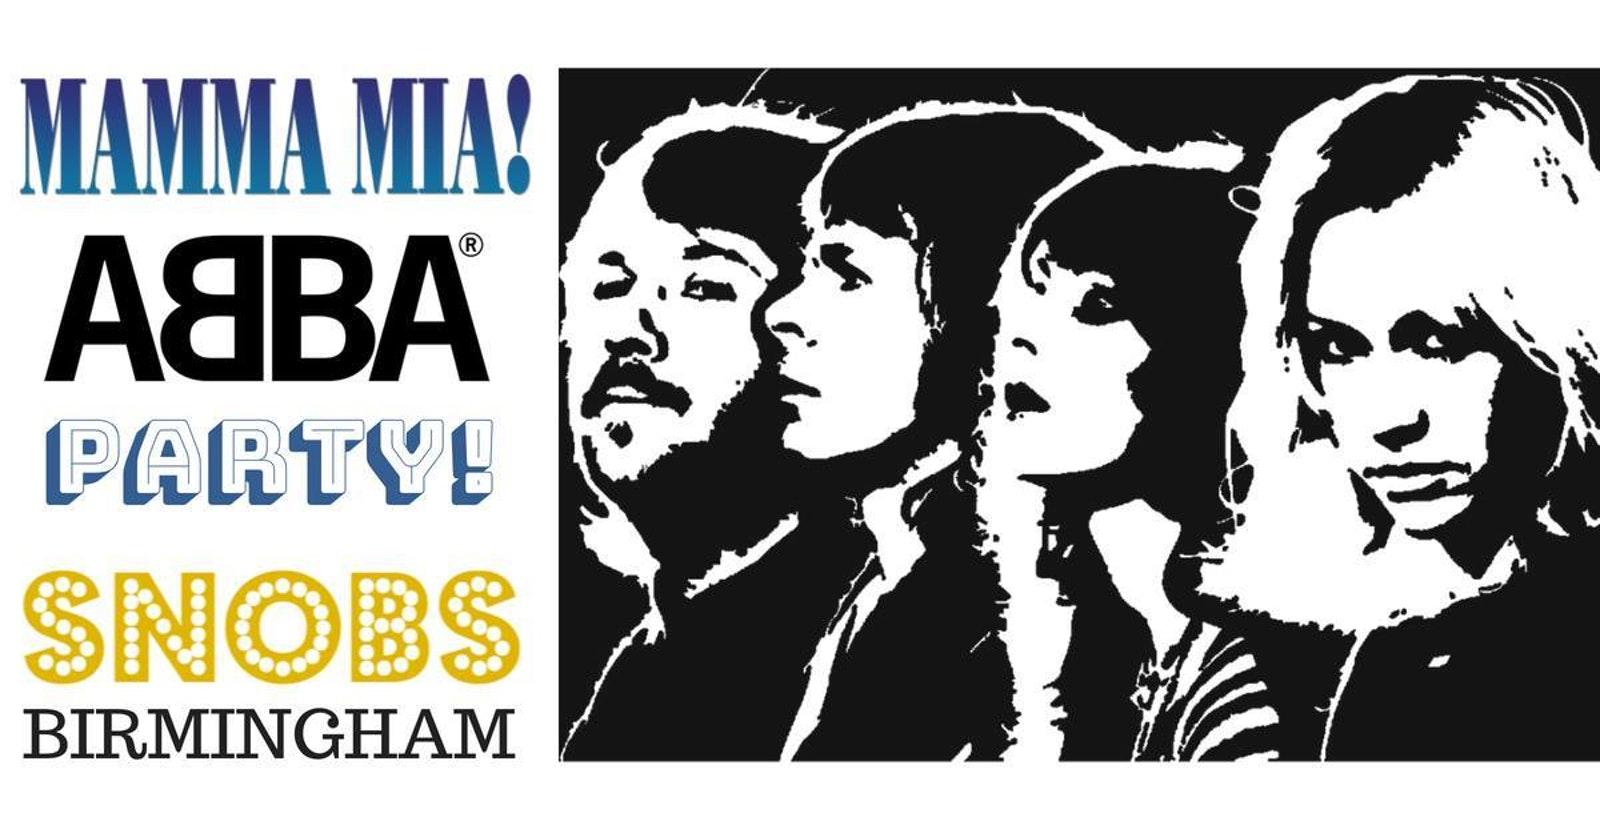 Mamma Mia ABBA Party At Snobs